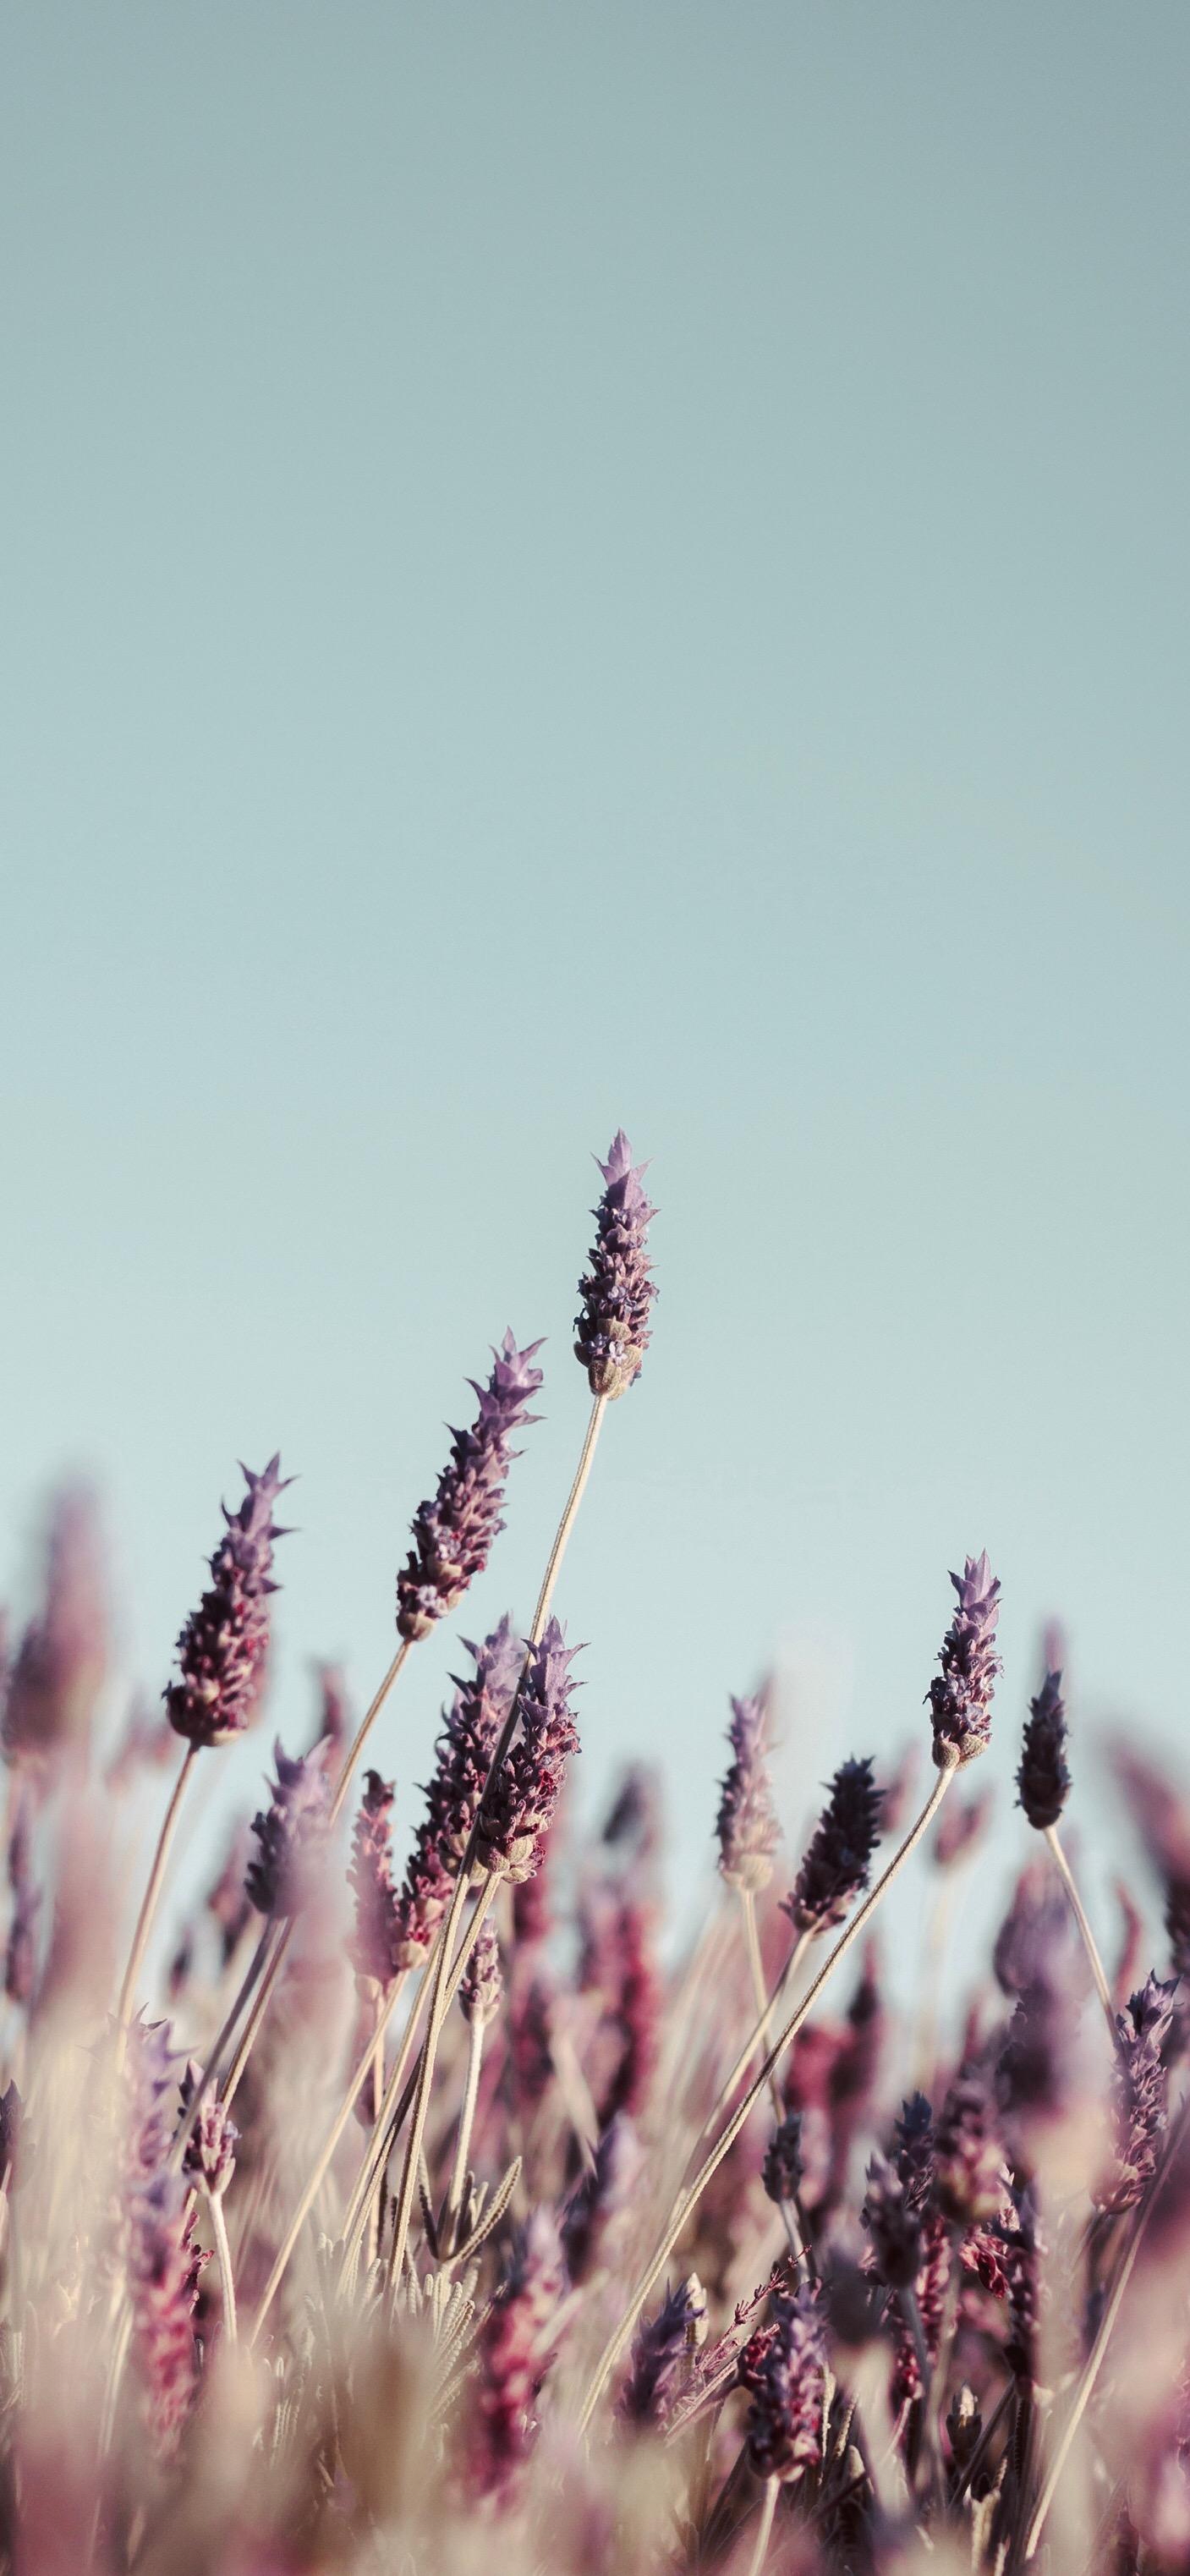 换个视野透过草丛看世界